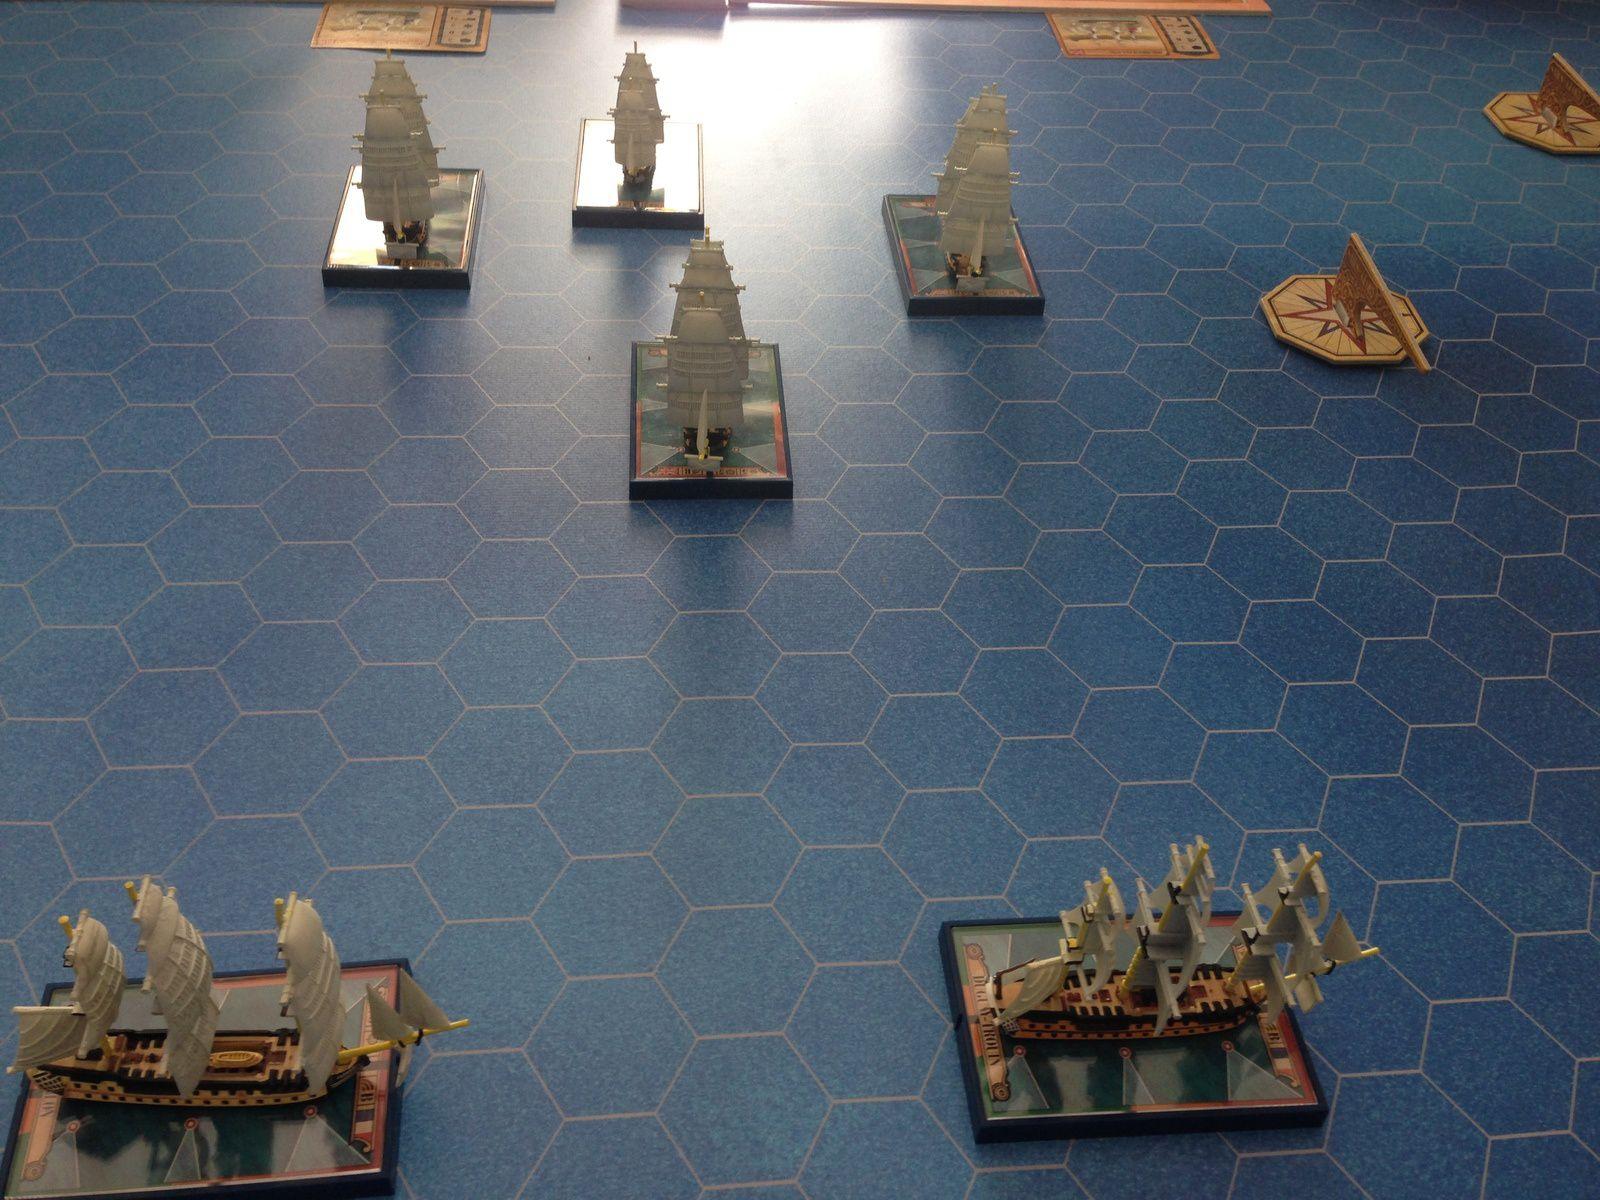 Bilan, deux frégates coulées ( une de chaque coté) en ayant heurté soit des navires ennemis soit alliés..sans les règles gérant les voiles, compliqué de s'arrêter .....aieee !